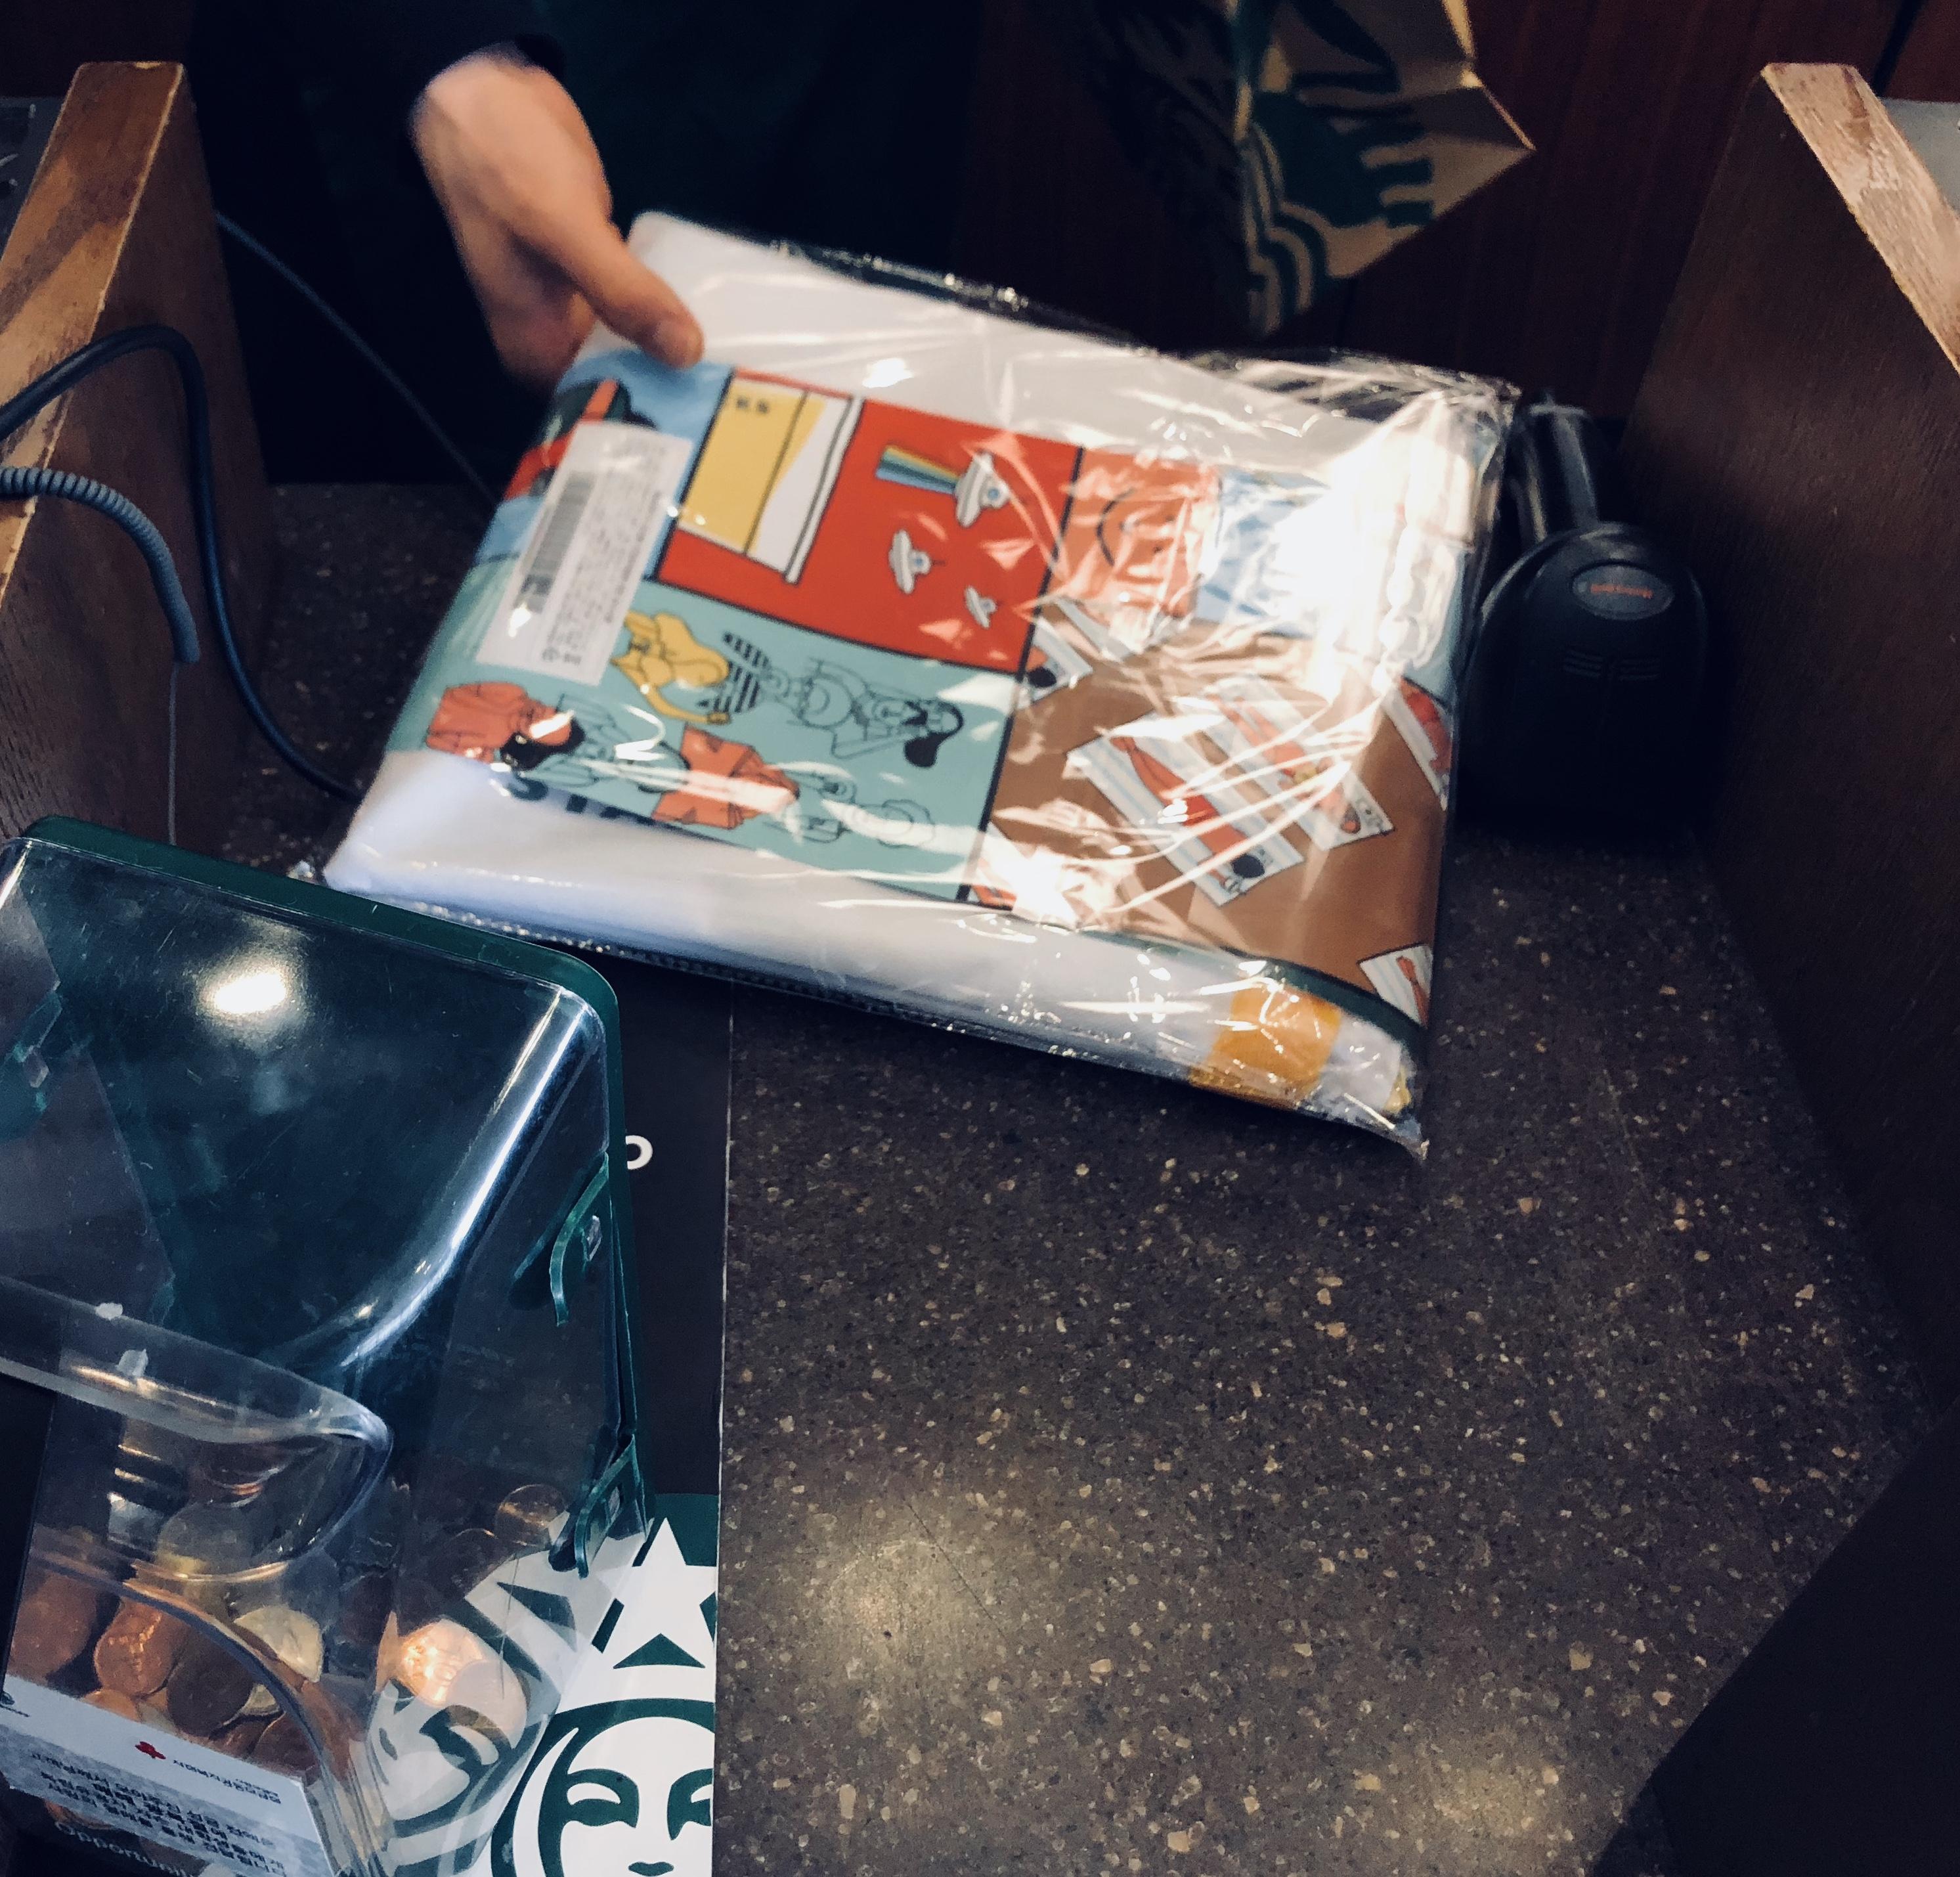 스타벅스의 새로운 미션 - 서울, 오늘 날씨는 맑음